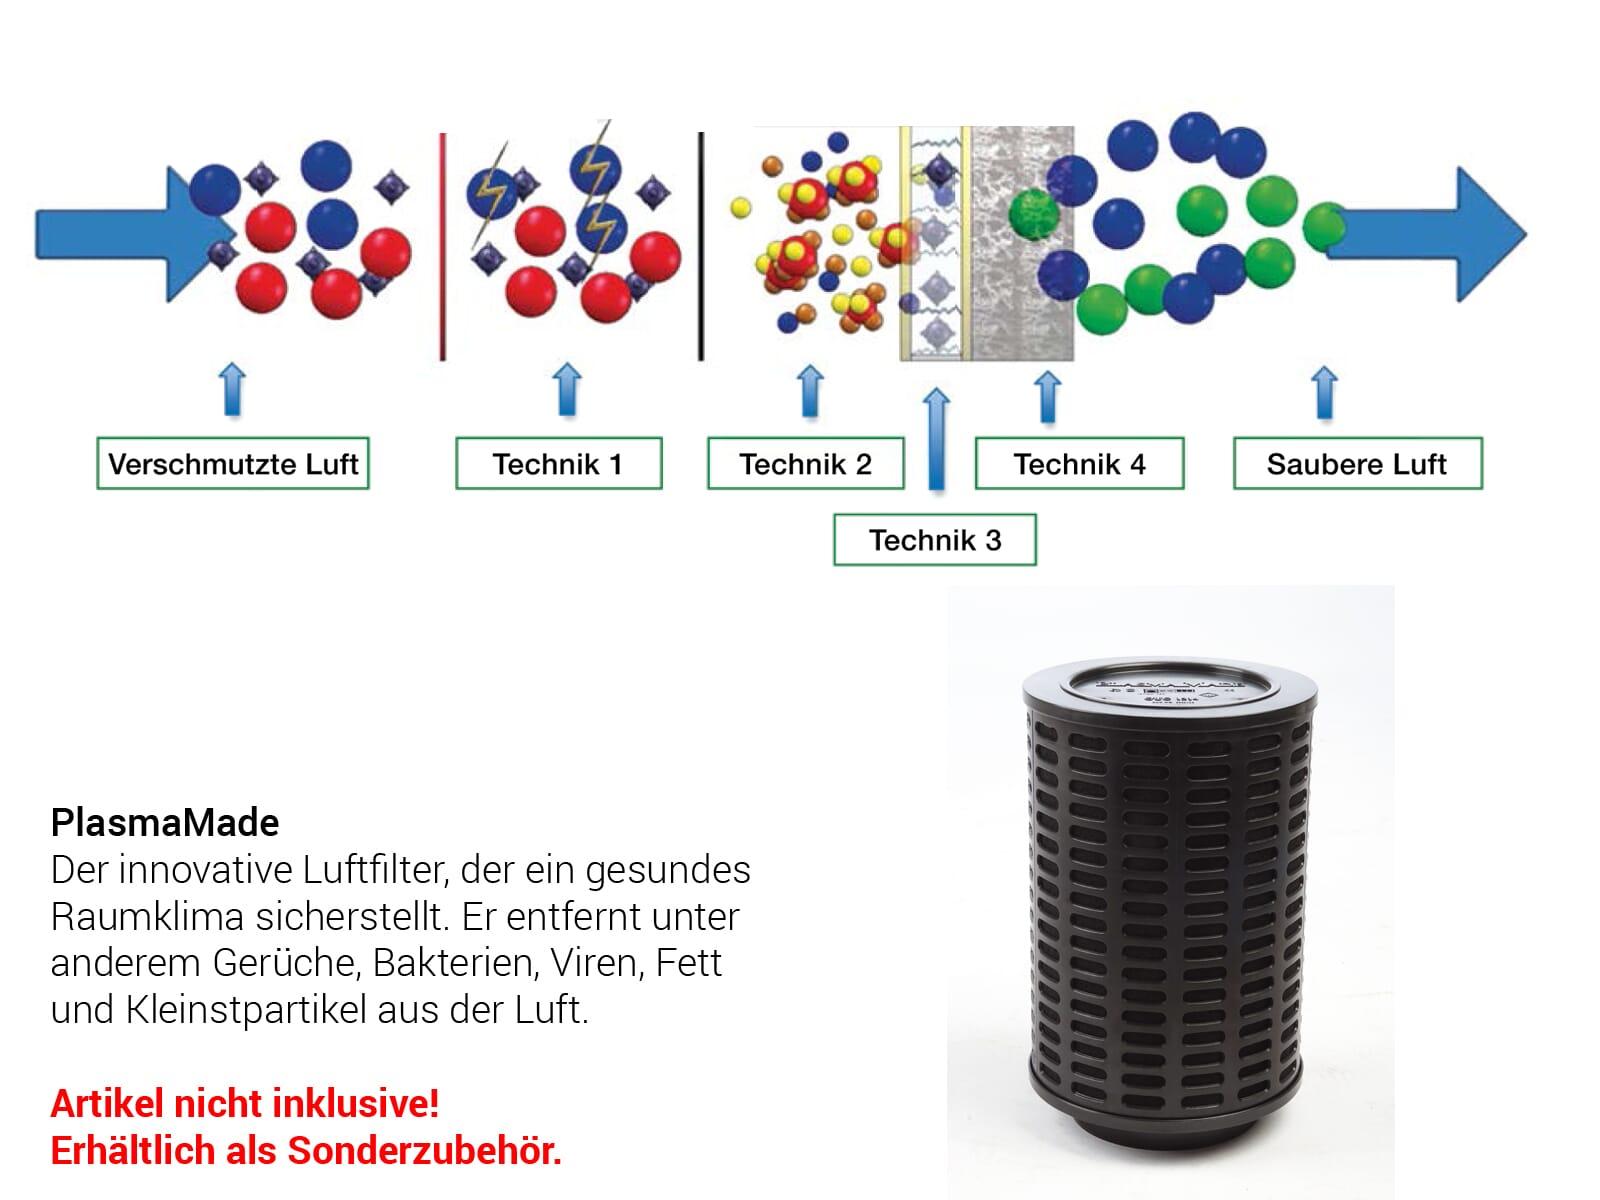 Küppersbusch DW 9500.0 S K-Series. 5 Wandhaube Schwarz